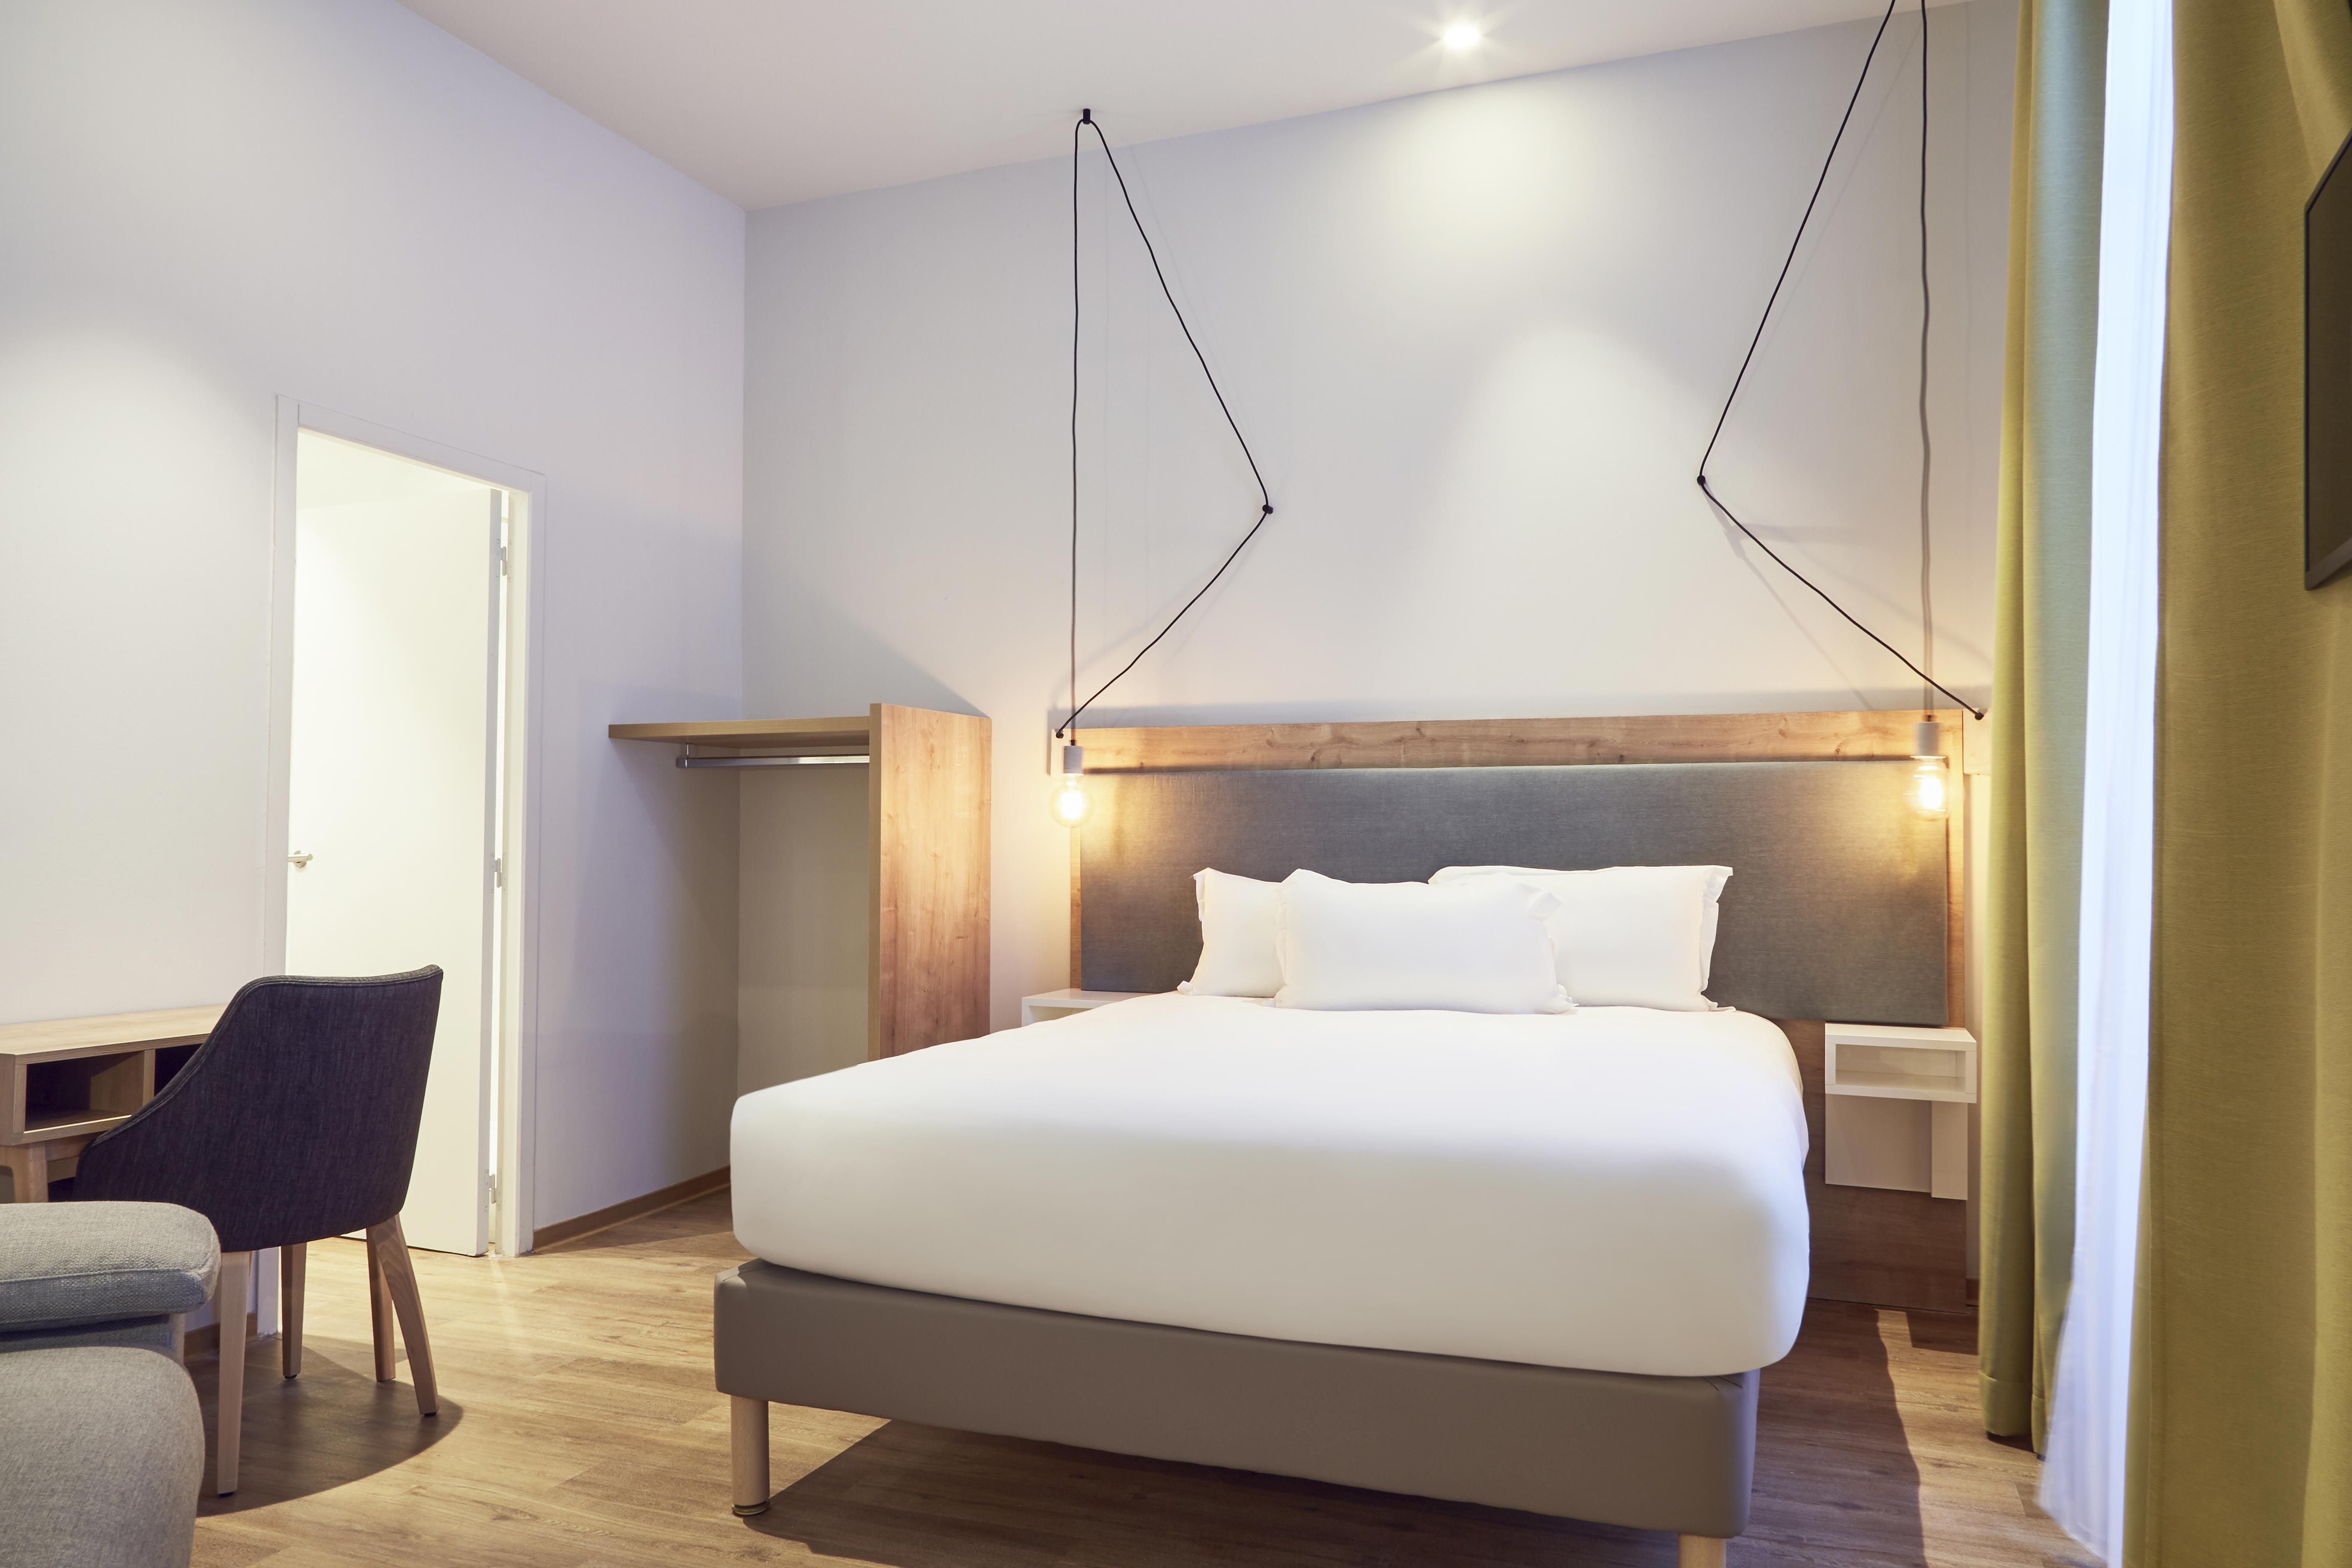 Chambre lit double linge de lit blanc et lampe de chevet design